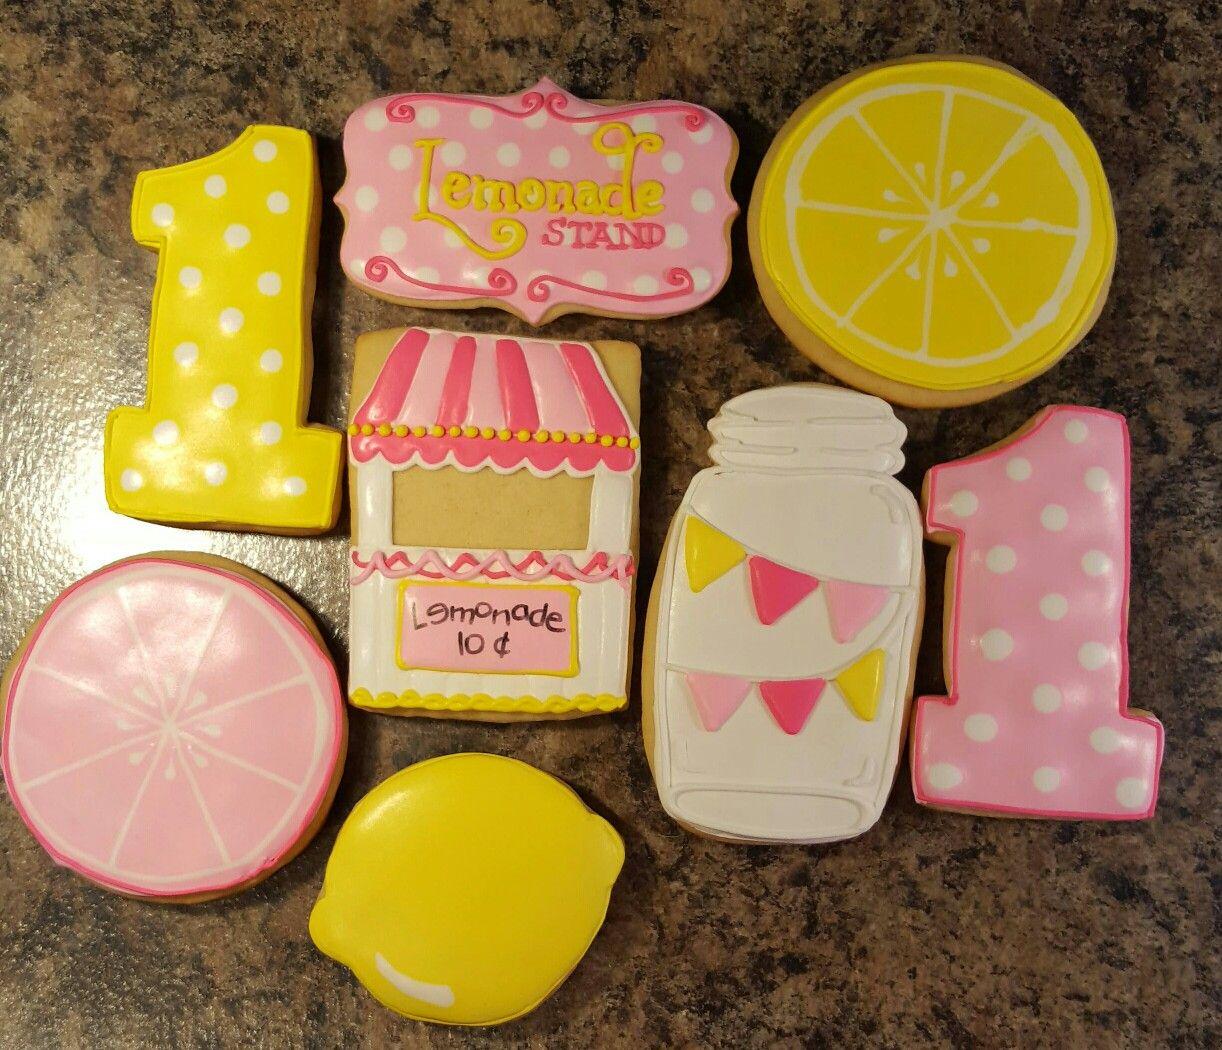 Lemonade stand cookies